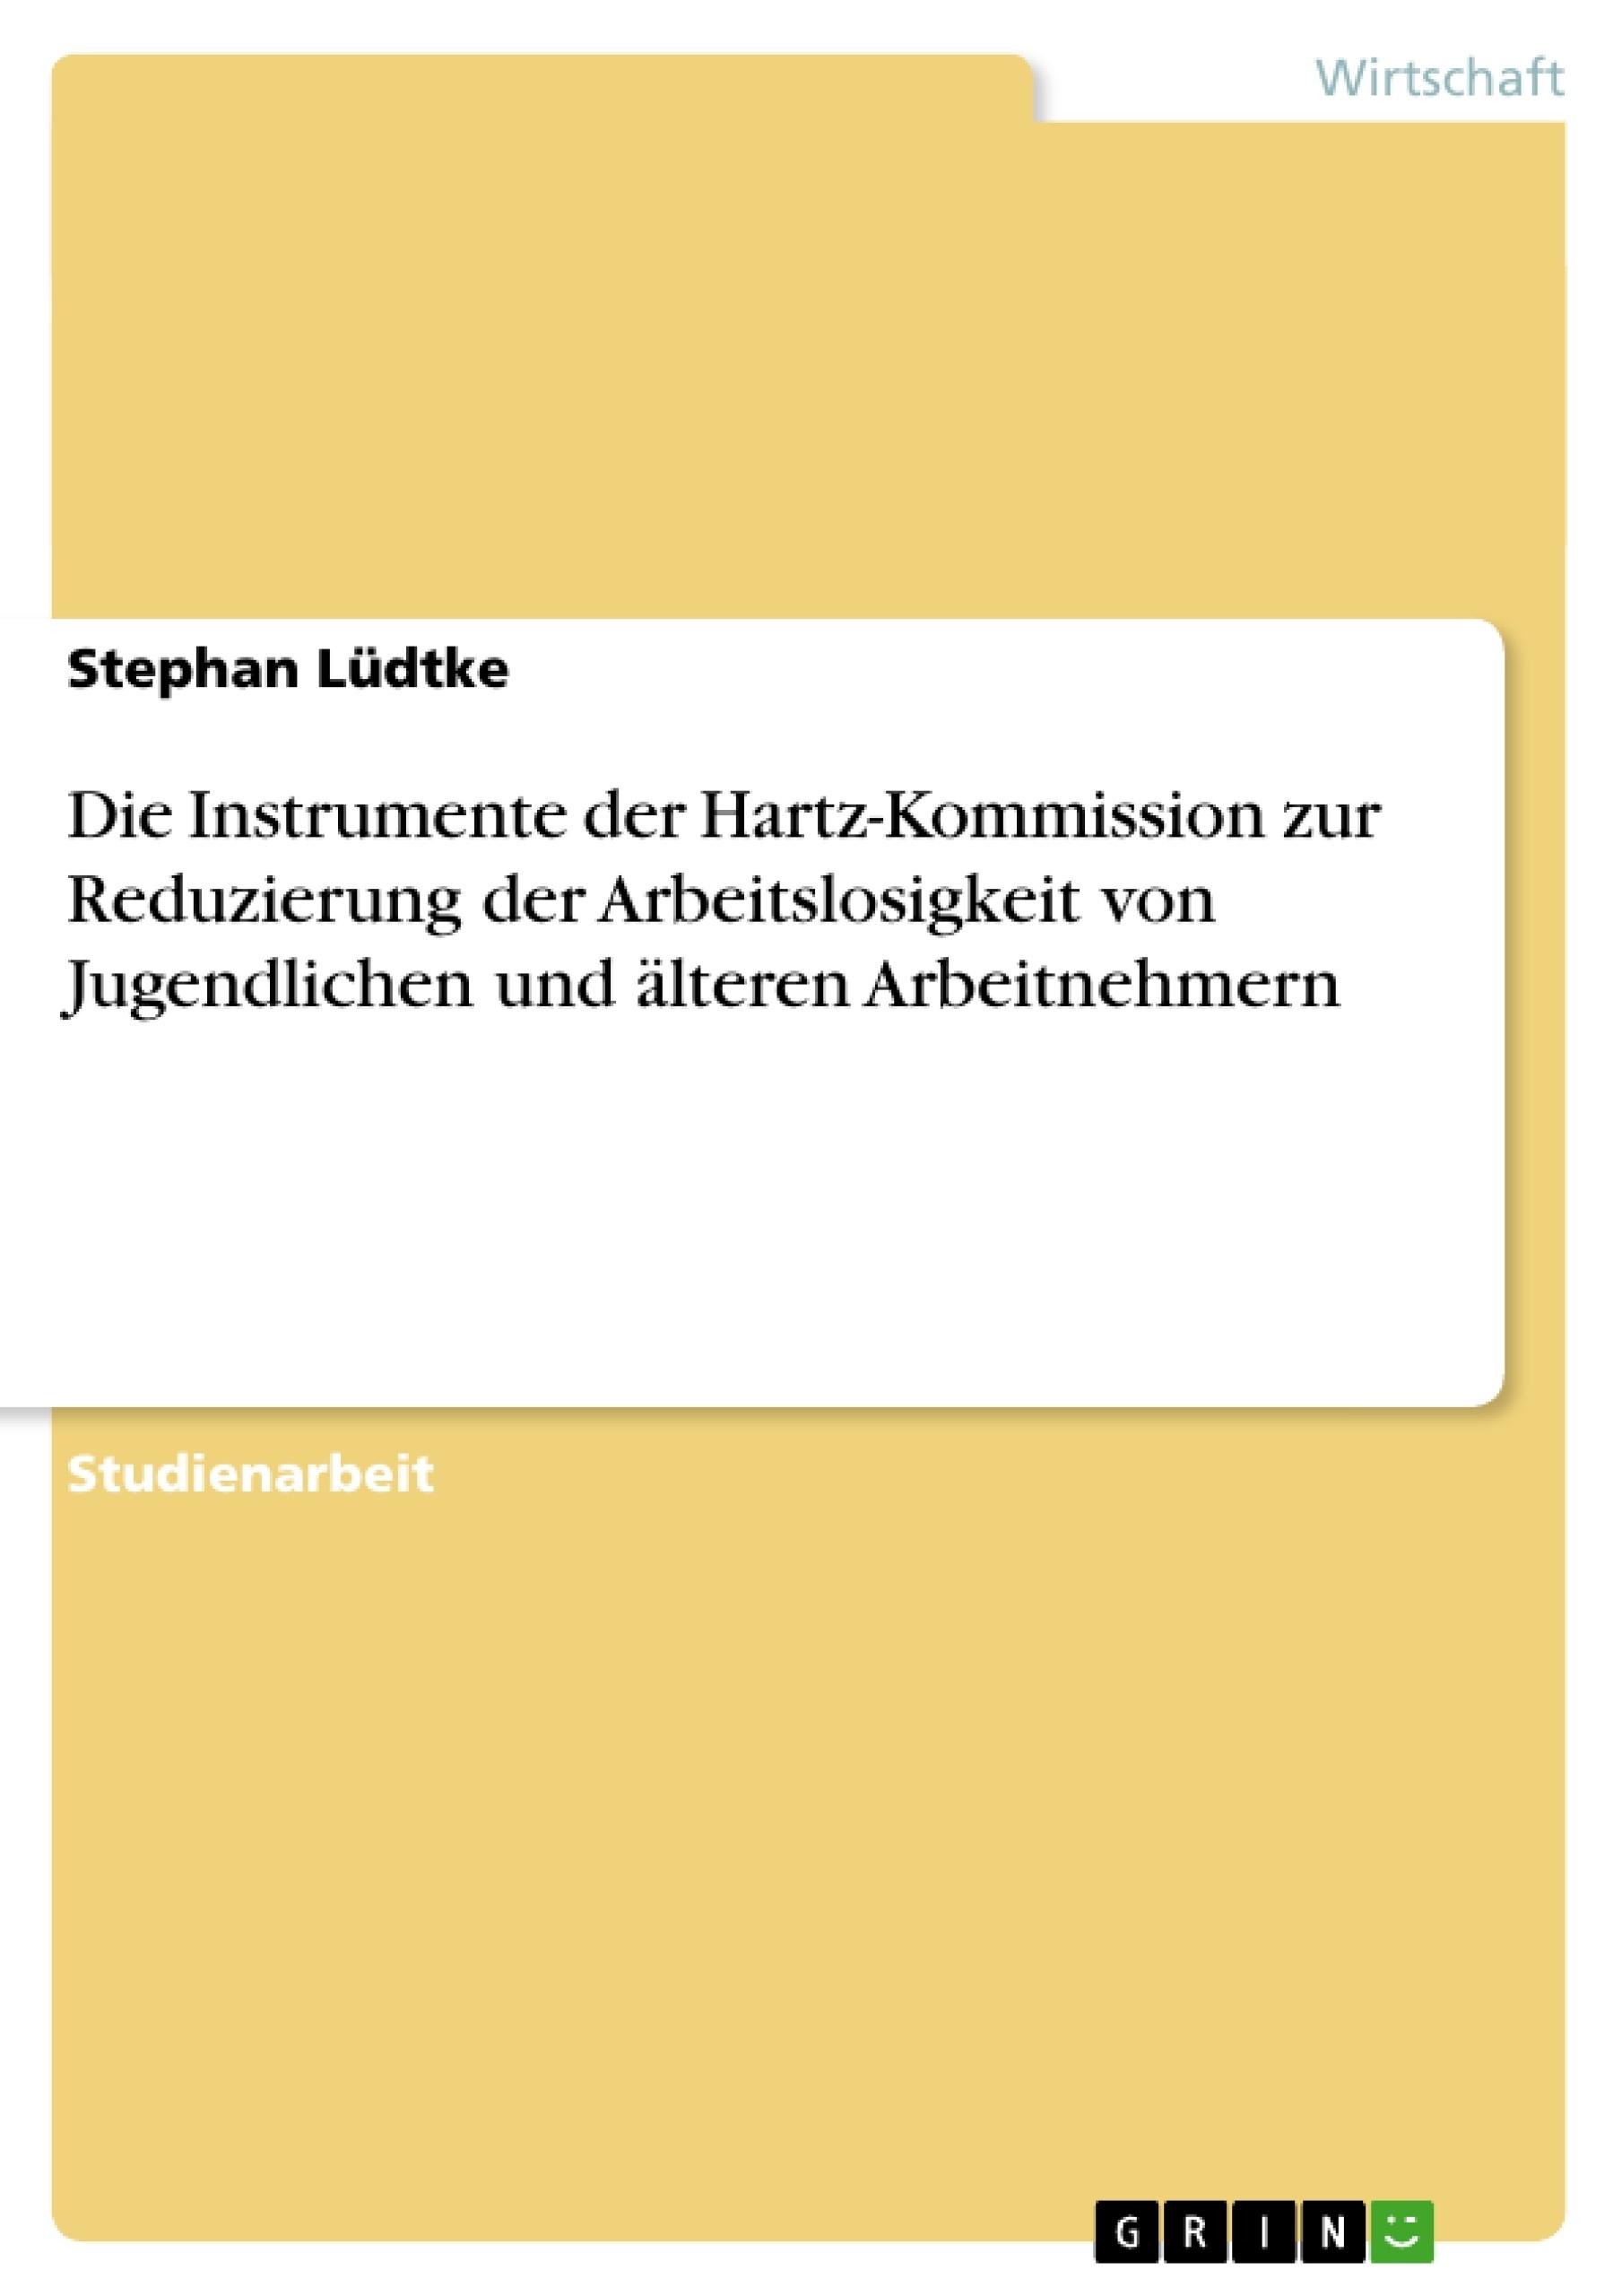 Titel: Die Instrumente der Hartz-Kommission zur Reduzierung der Arbeitslosigkeit von Jugendlichen und älteren Arbeitnehmern